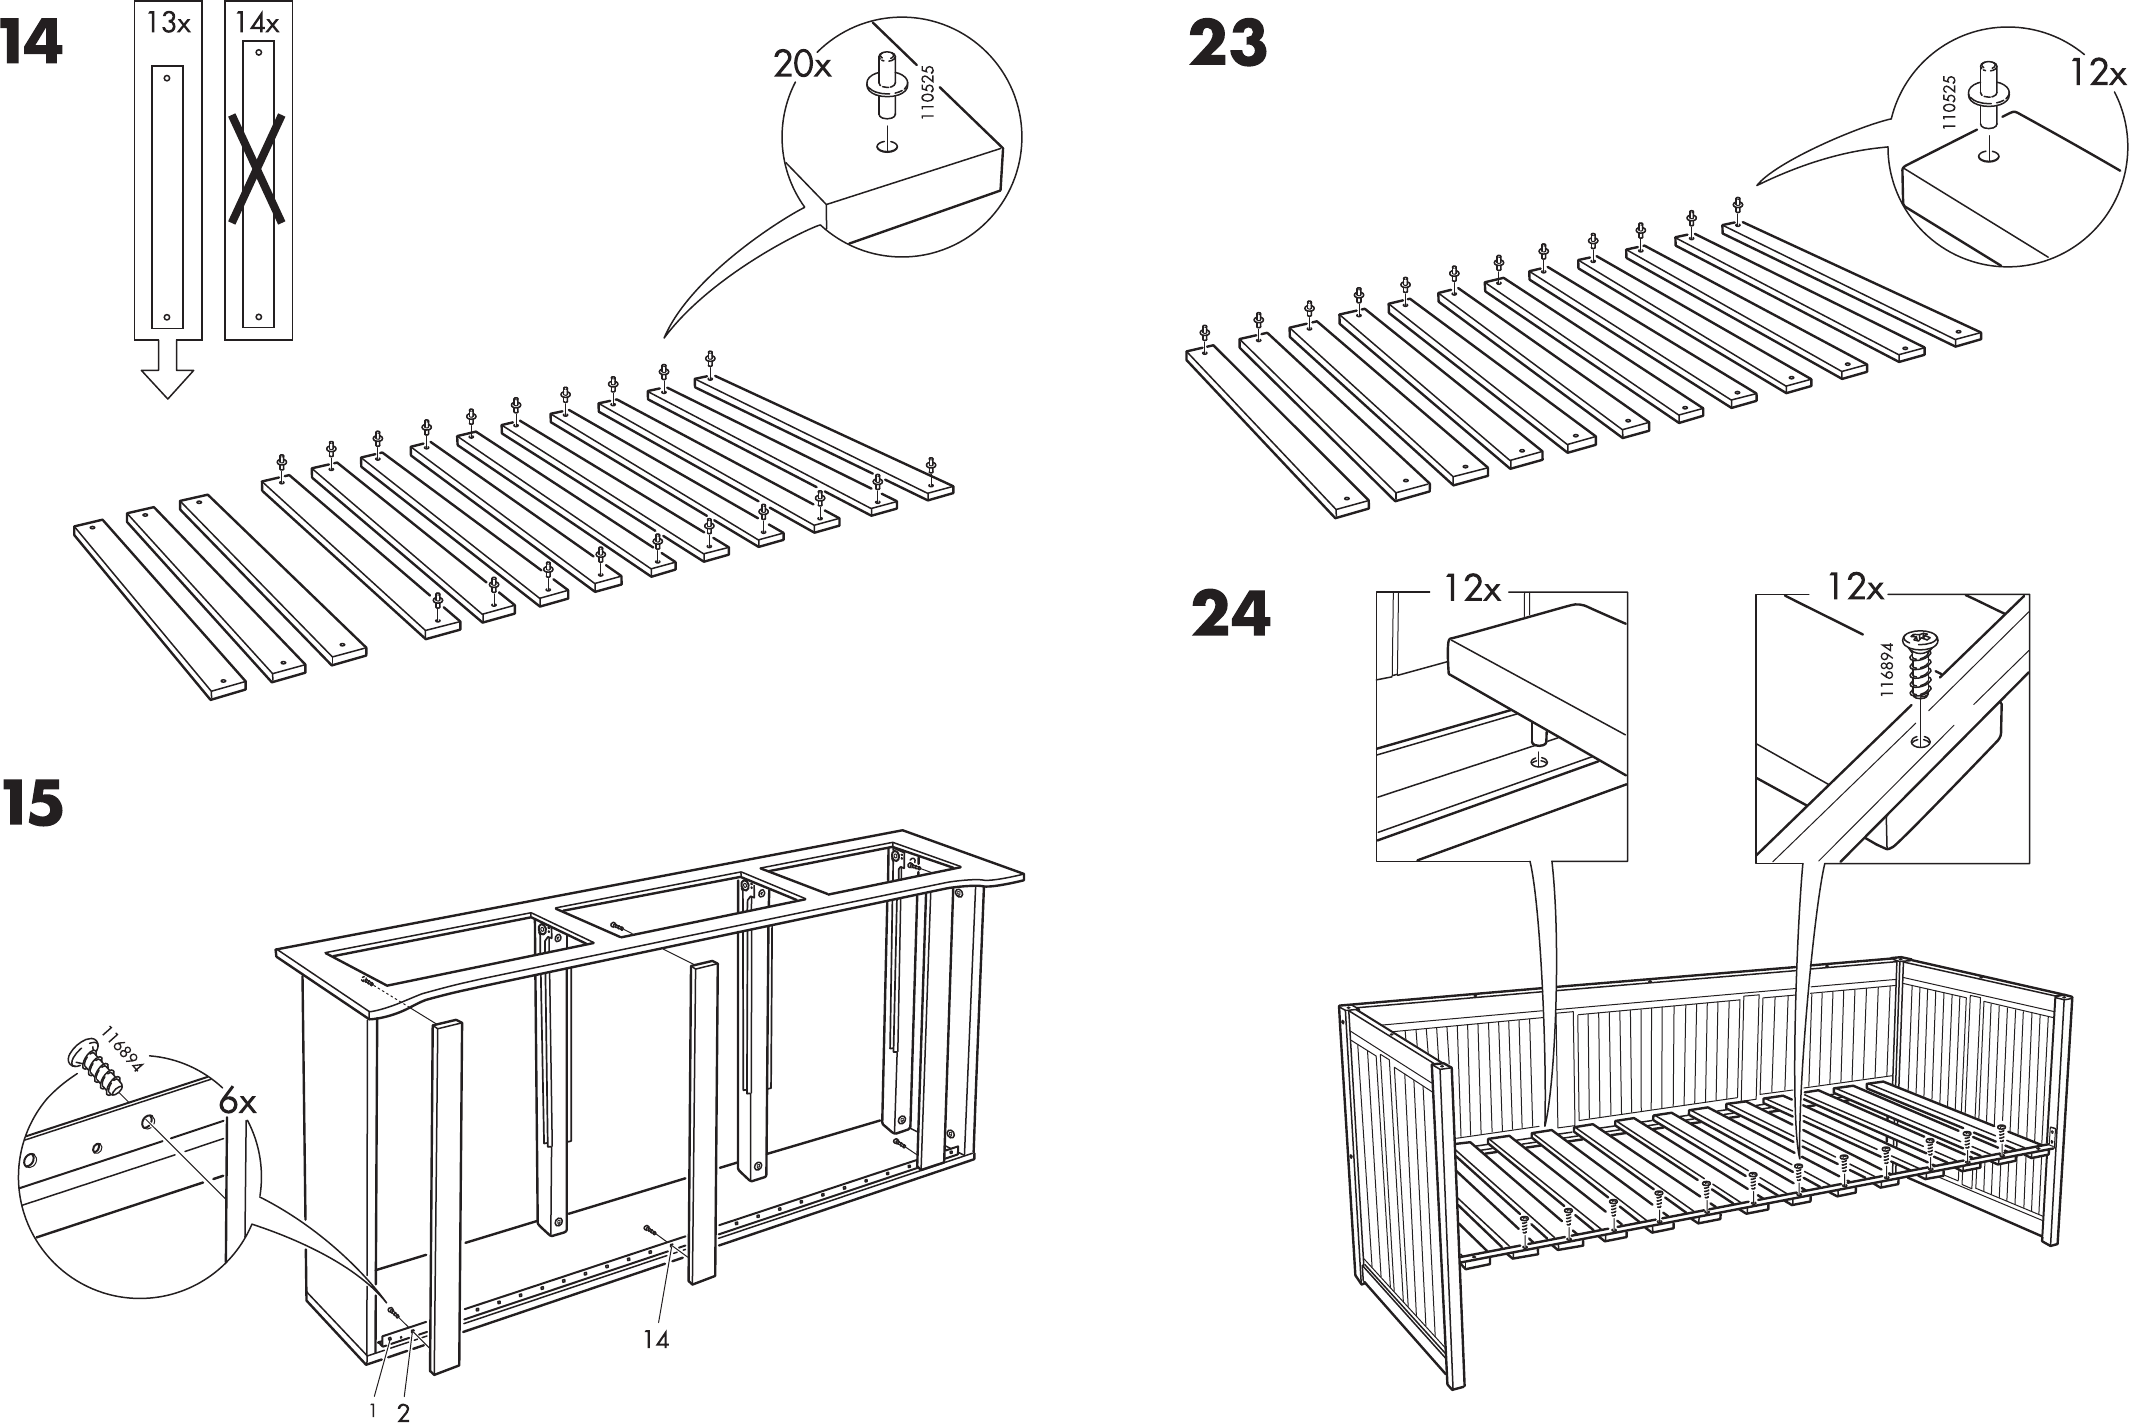 Hemnes Bedbank Ikea.Handleiding Ikea Hemnes Bedbank Pagina 10 Van 12 Dansk Deutsch